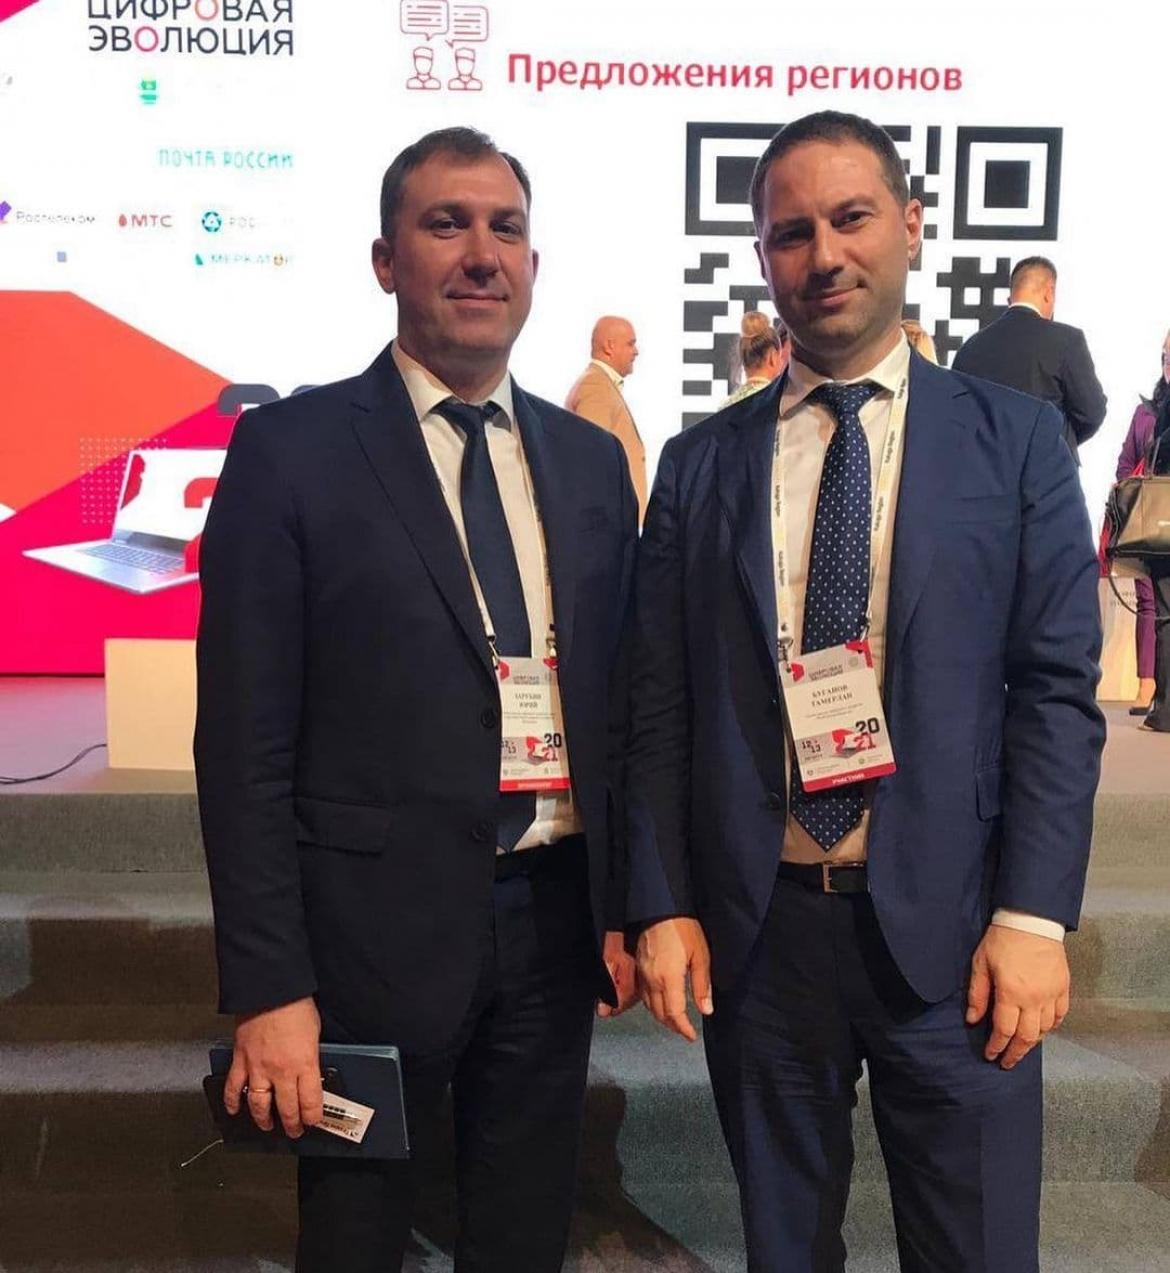 Руководитель Минцифры Дагестана принял участие во всероссийском форуме «Цифровая эволюция»